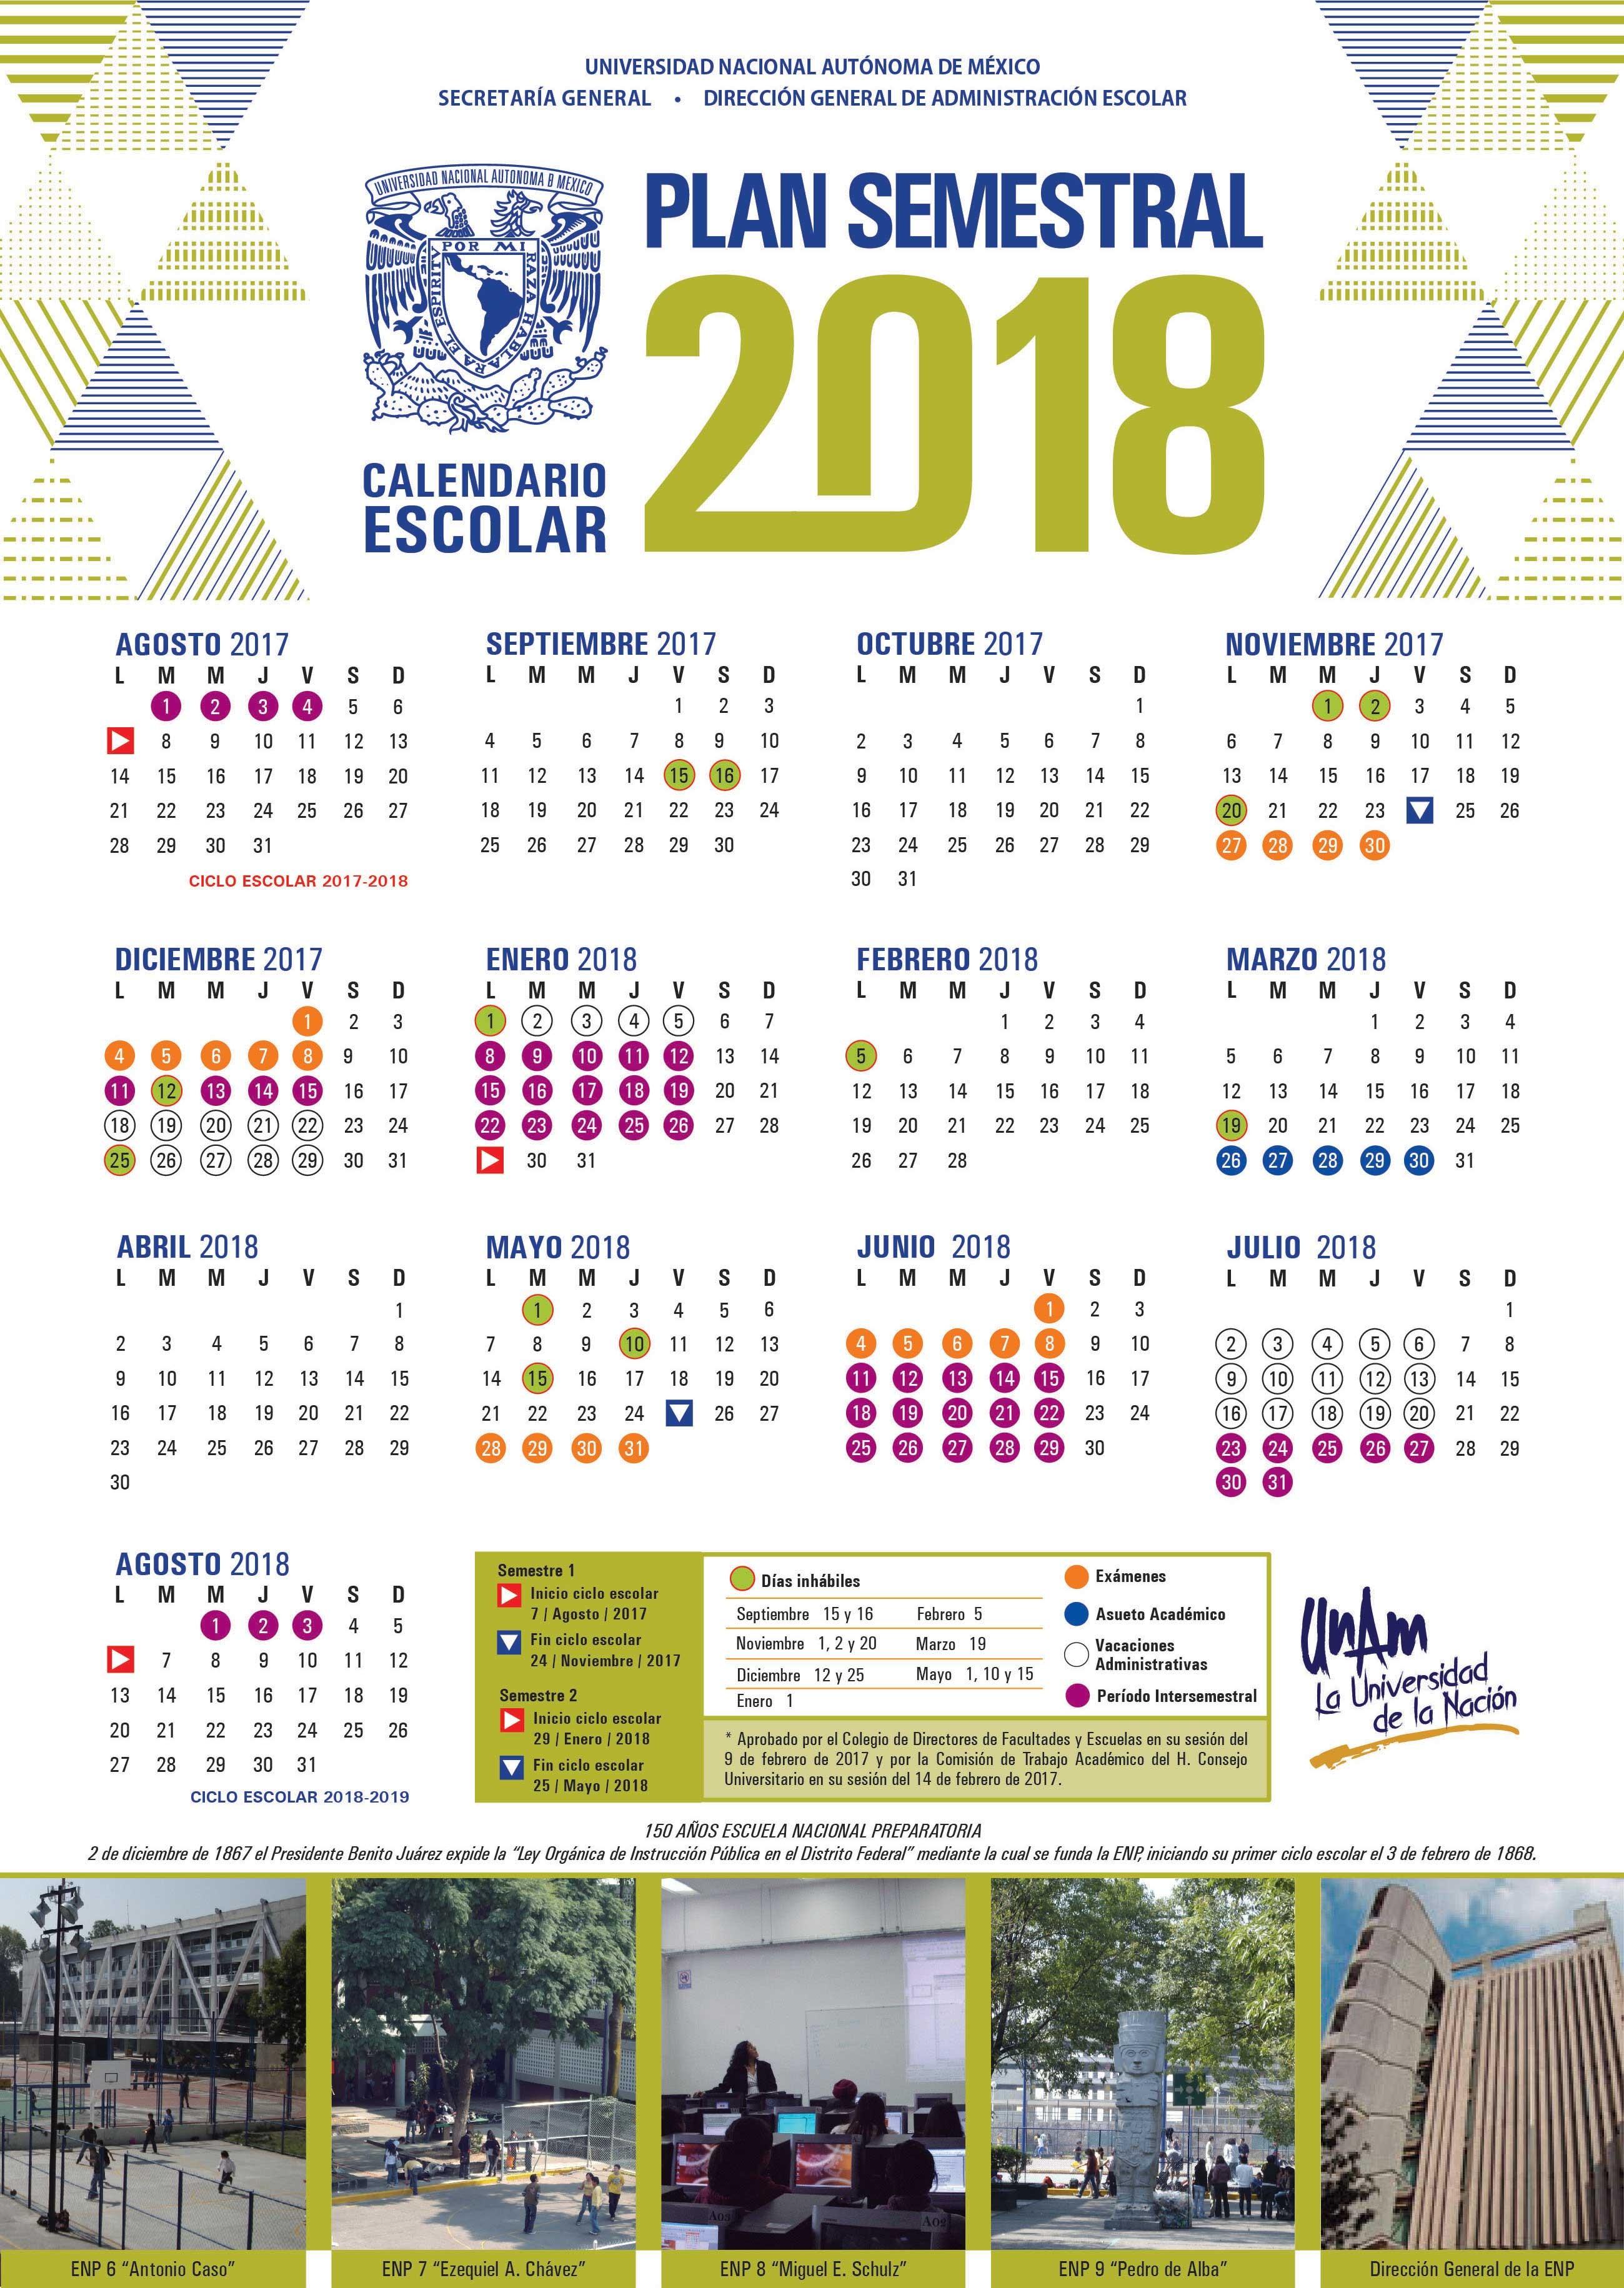 Calendario 2019 Con Festivos Zaragoza Recientes Unam Dgae Siae Actividades Calendarios Of Calendario 2019 Con Festivos Zaragoza Actual Da De San Valero 2019 Guia De Zaragoza